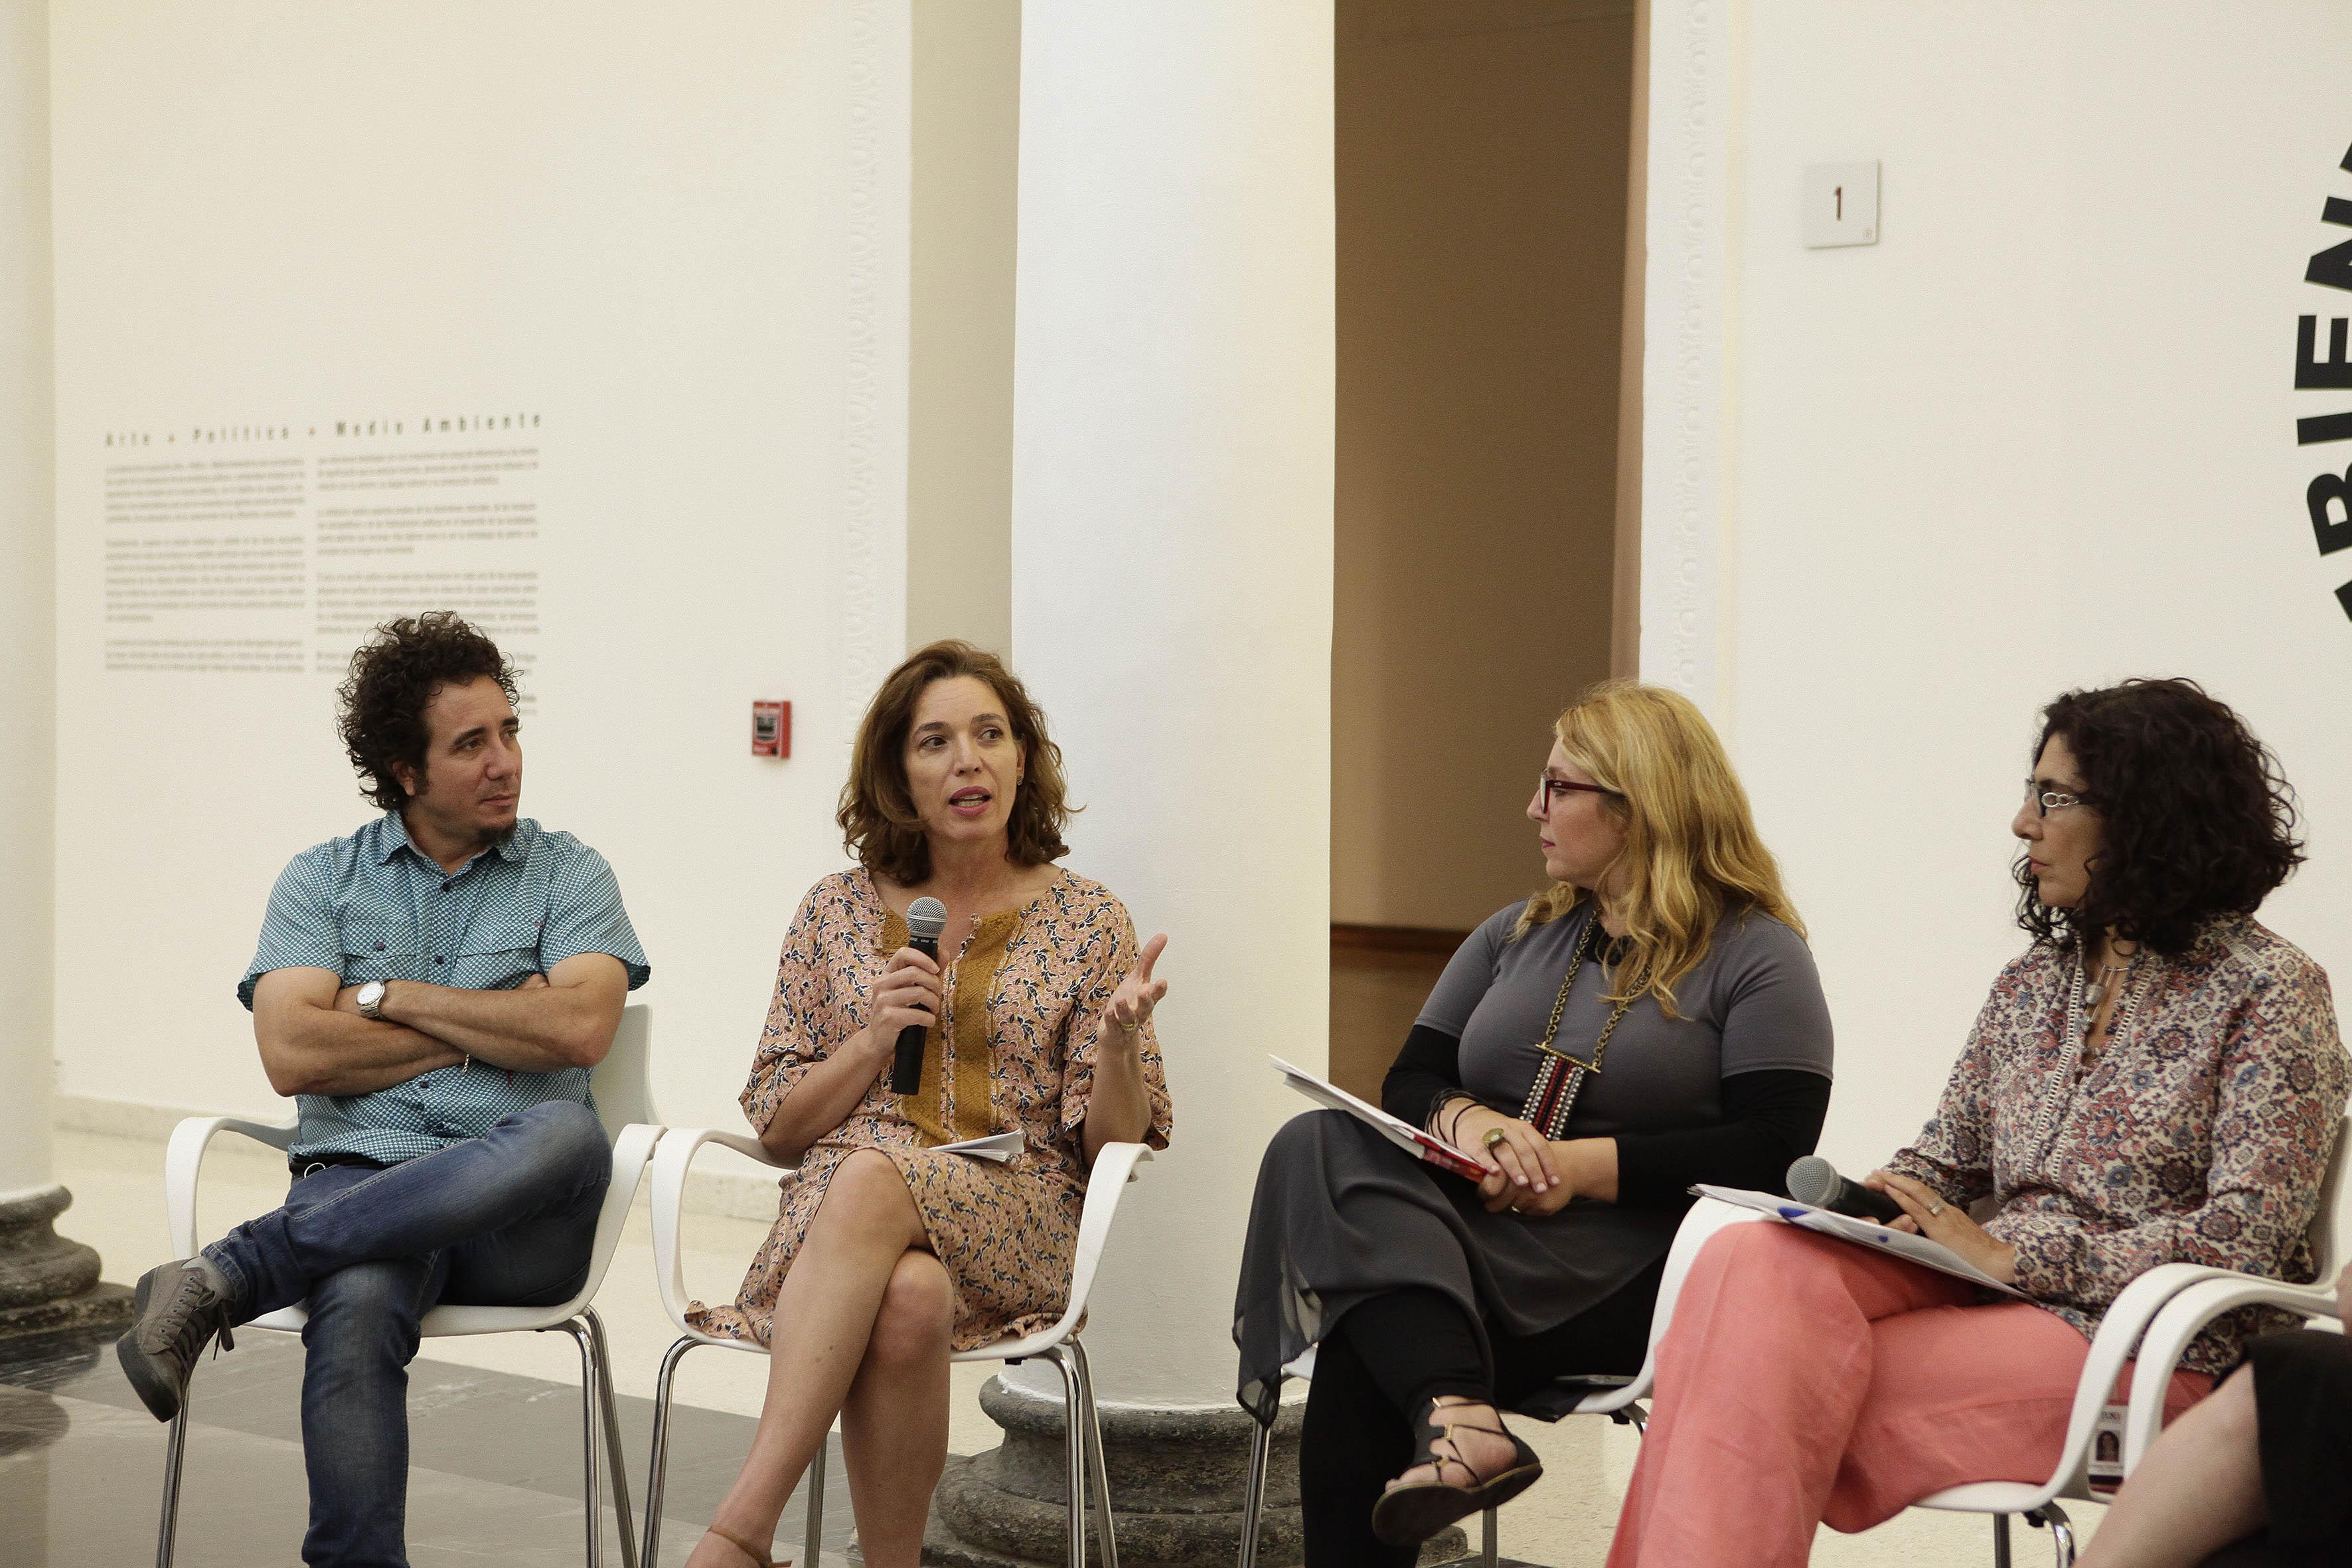 La argentina Andrea Juan, artista expositora en el MUSA, con micrófono en mano haciendo uso de la palabra.